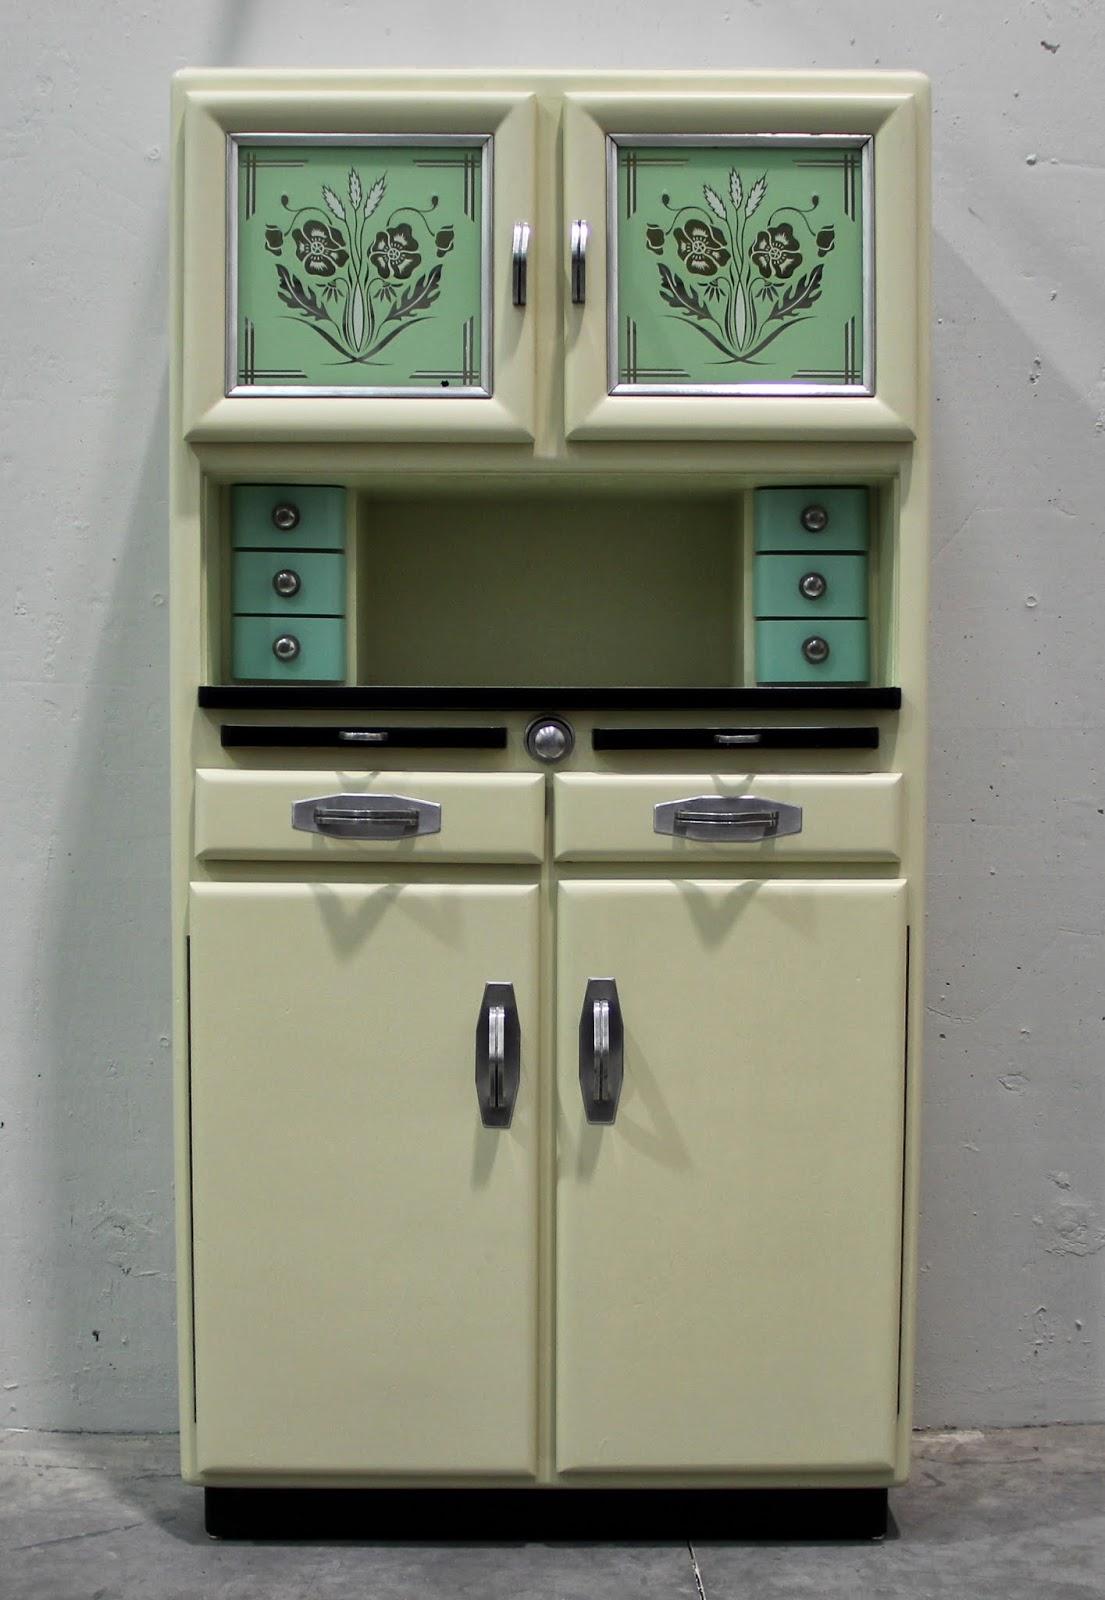 Odalisca madrid art nouveau art deco dise o del siglo xx vintage mesa y mueble de cocina - Muebles de cocina estilo retro ...